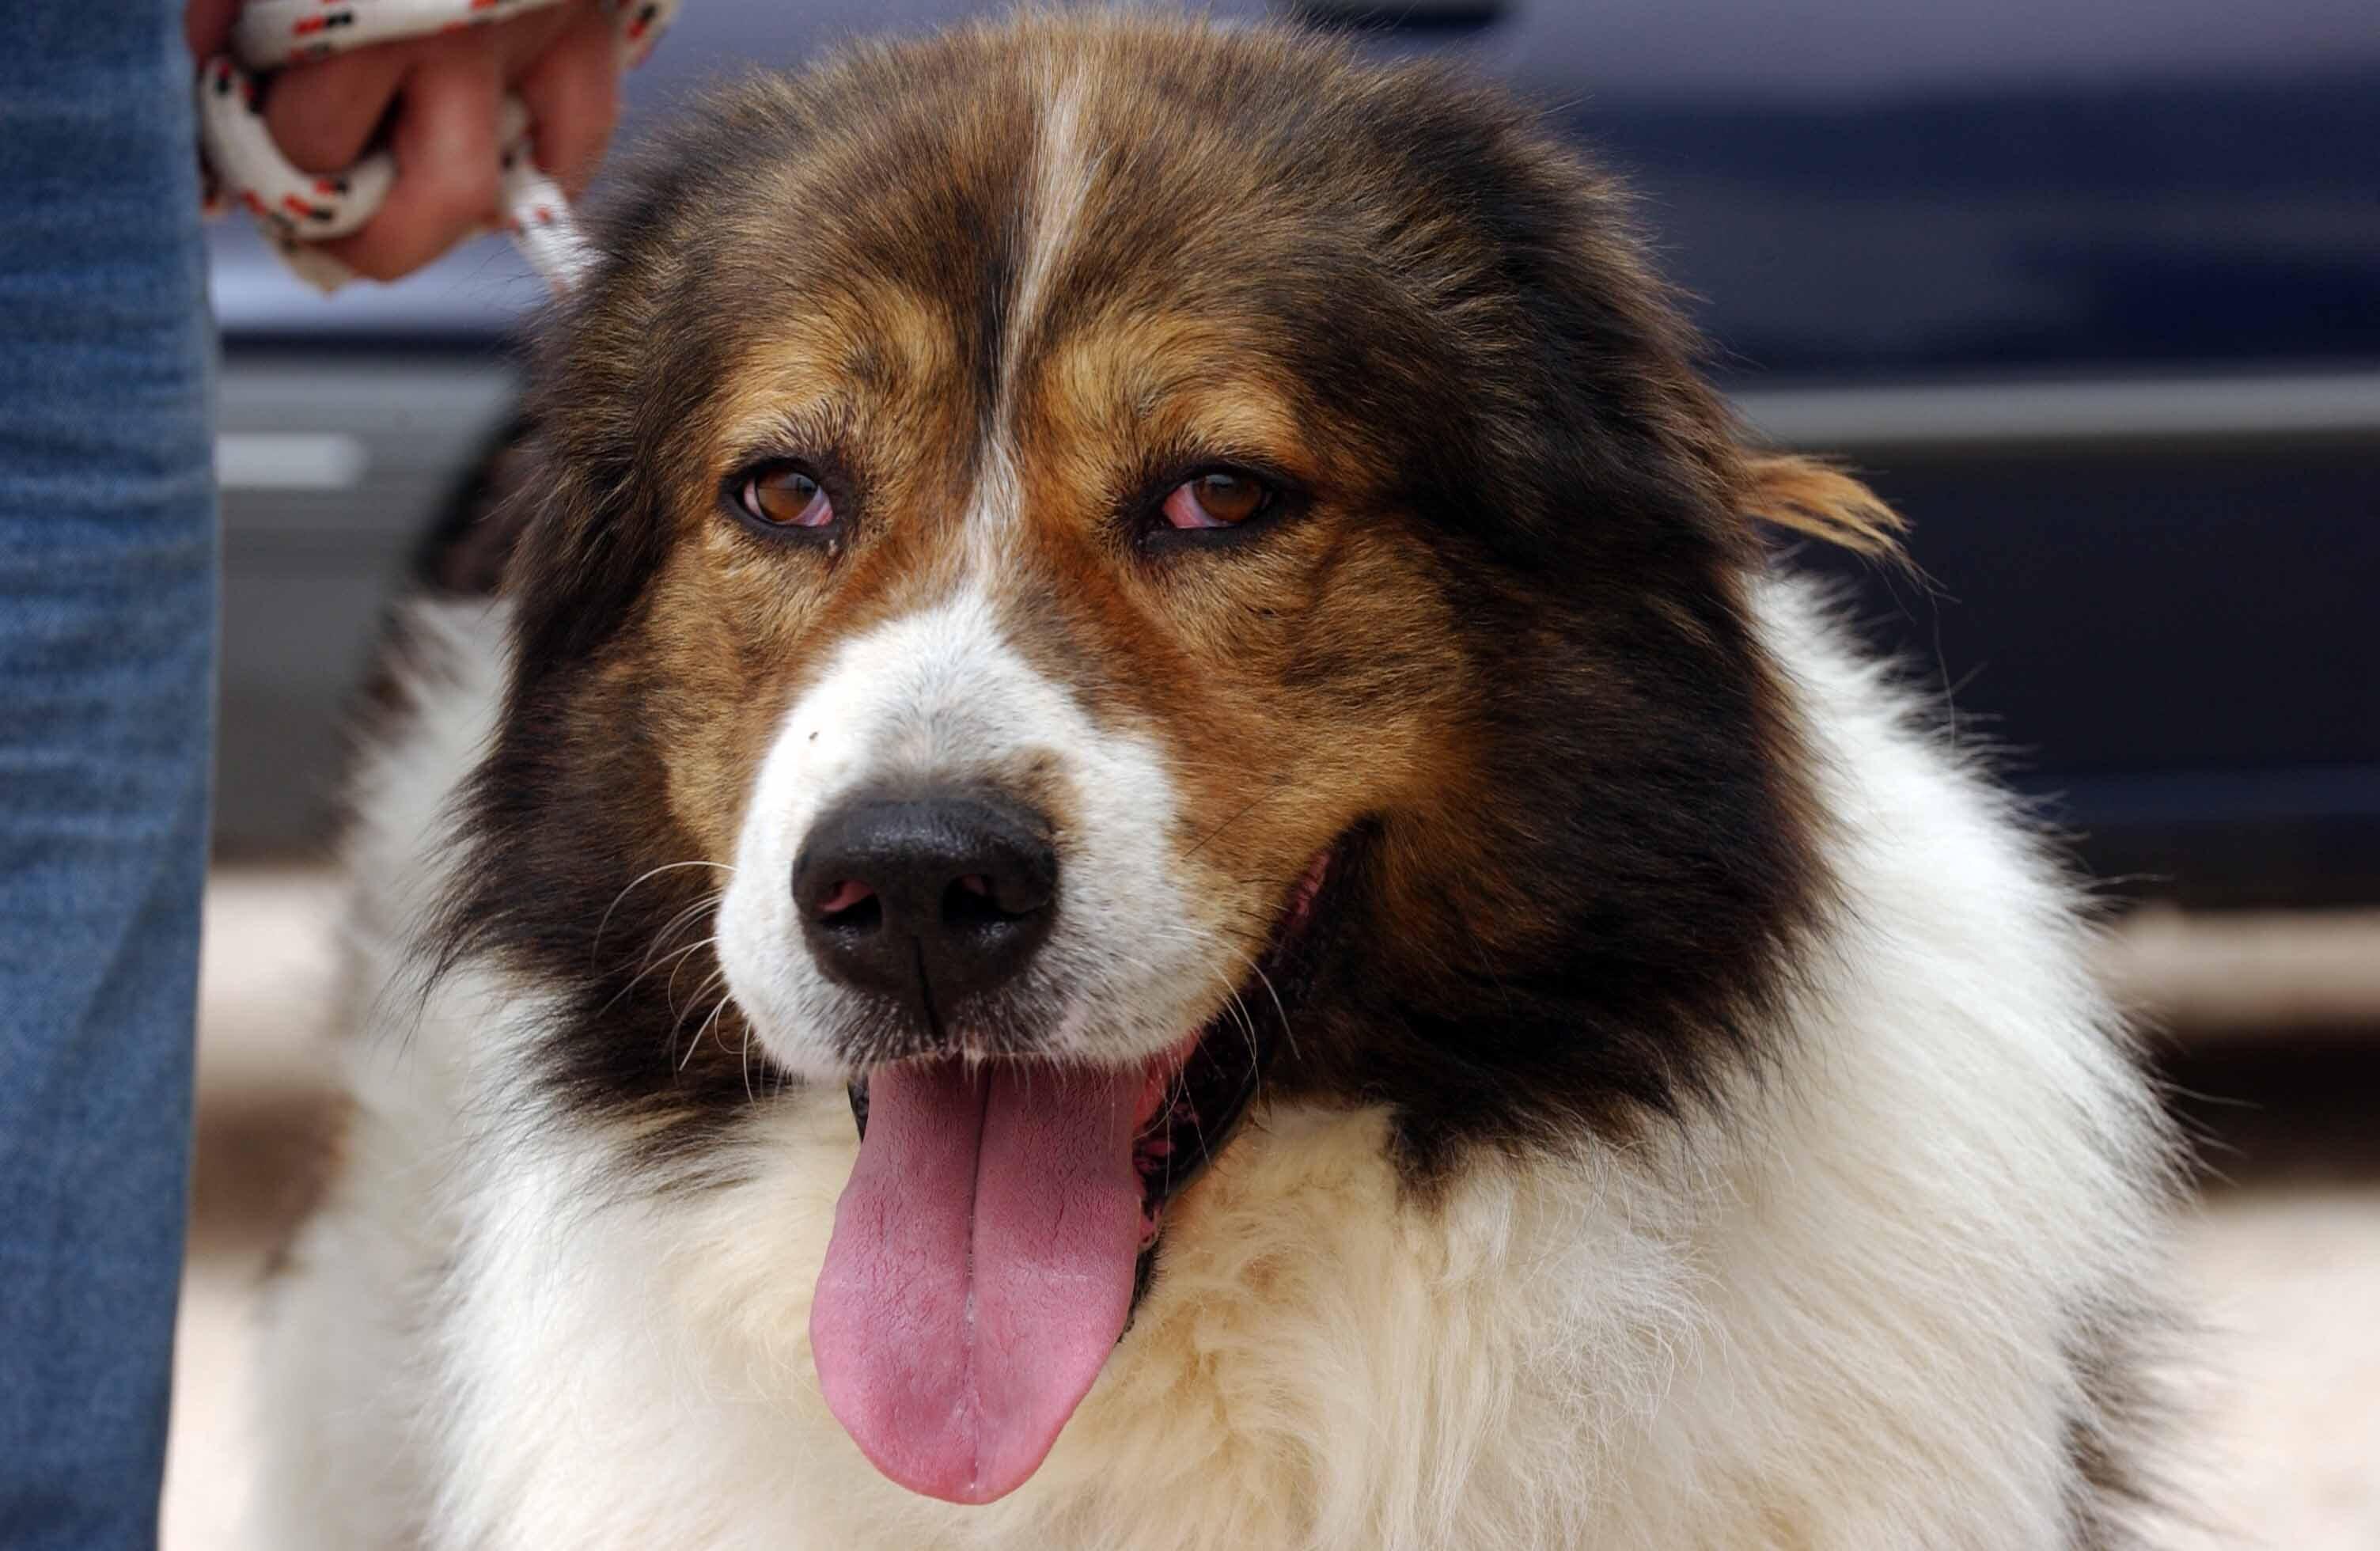 Κέρκυρα: Βαριά καμπάνα για 67χρονο που πυροβόλησε τον σκύλο